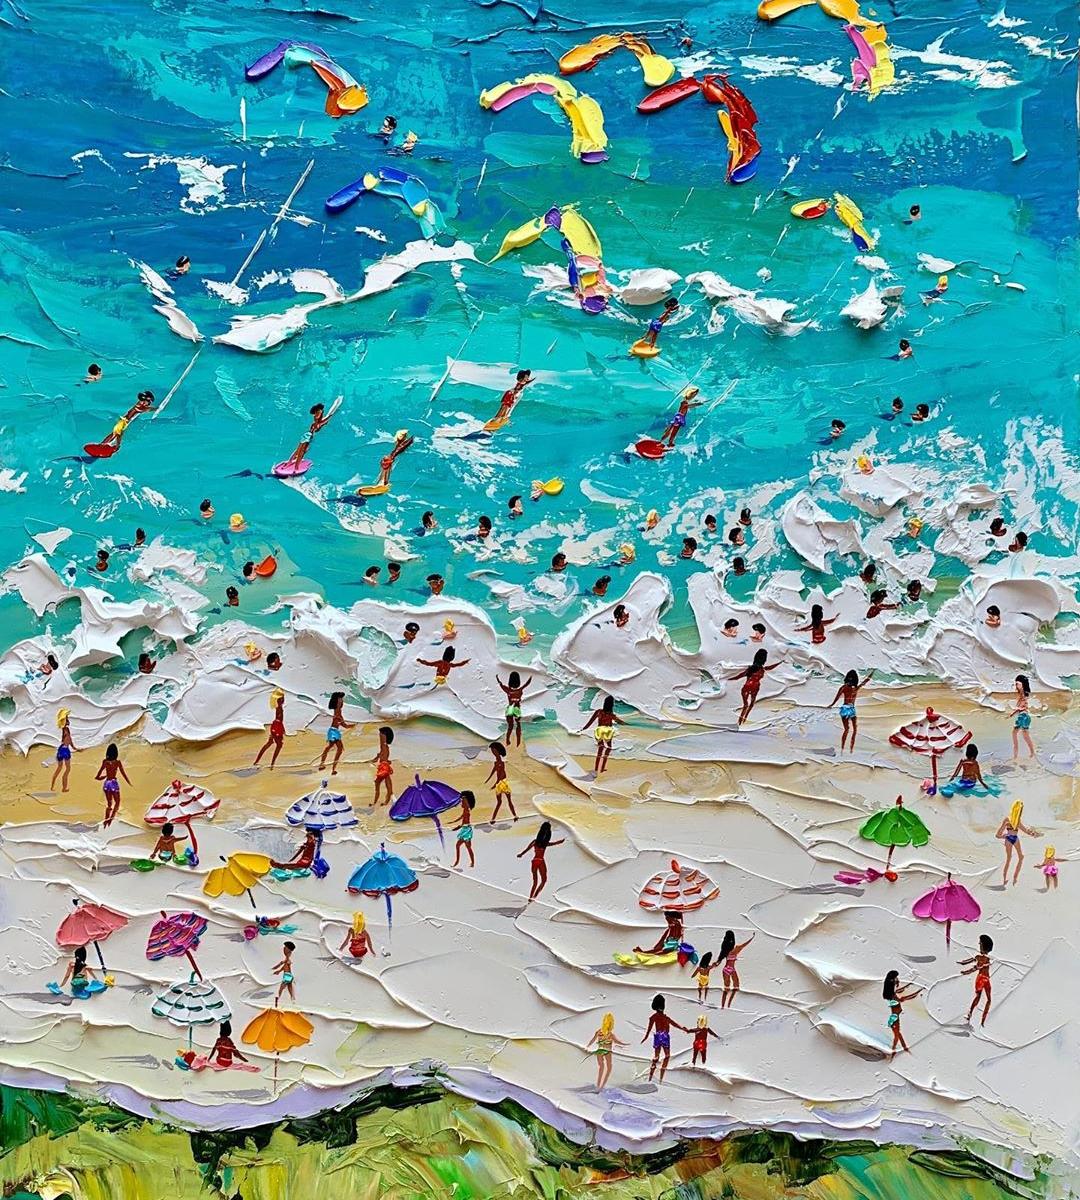 Refresque-se nas pinturas a óleo de praias no verão desta pintora da Estônia